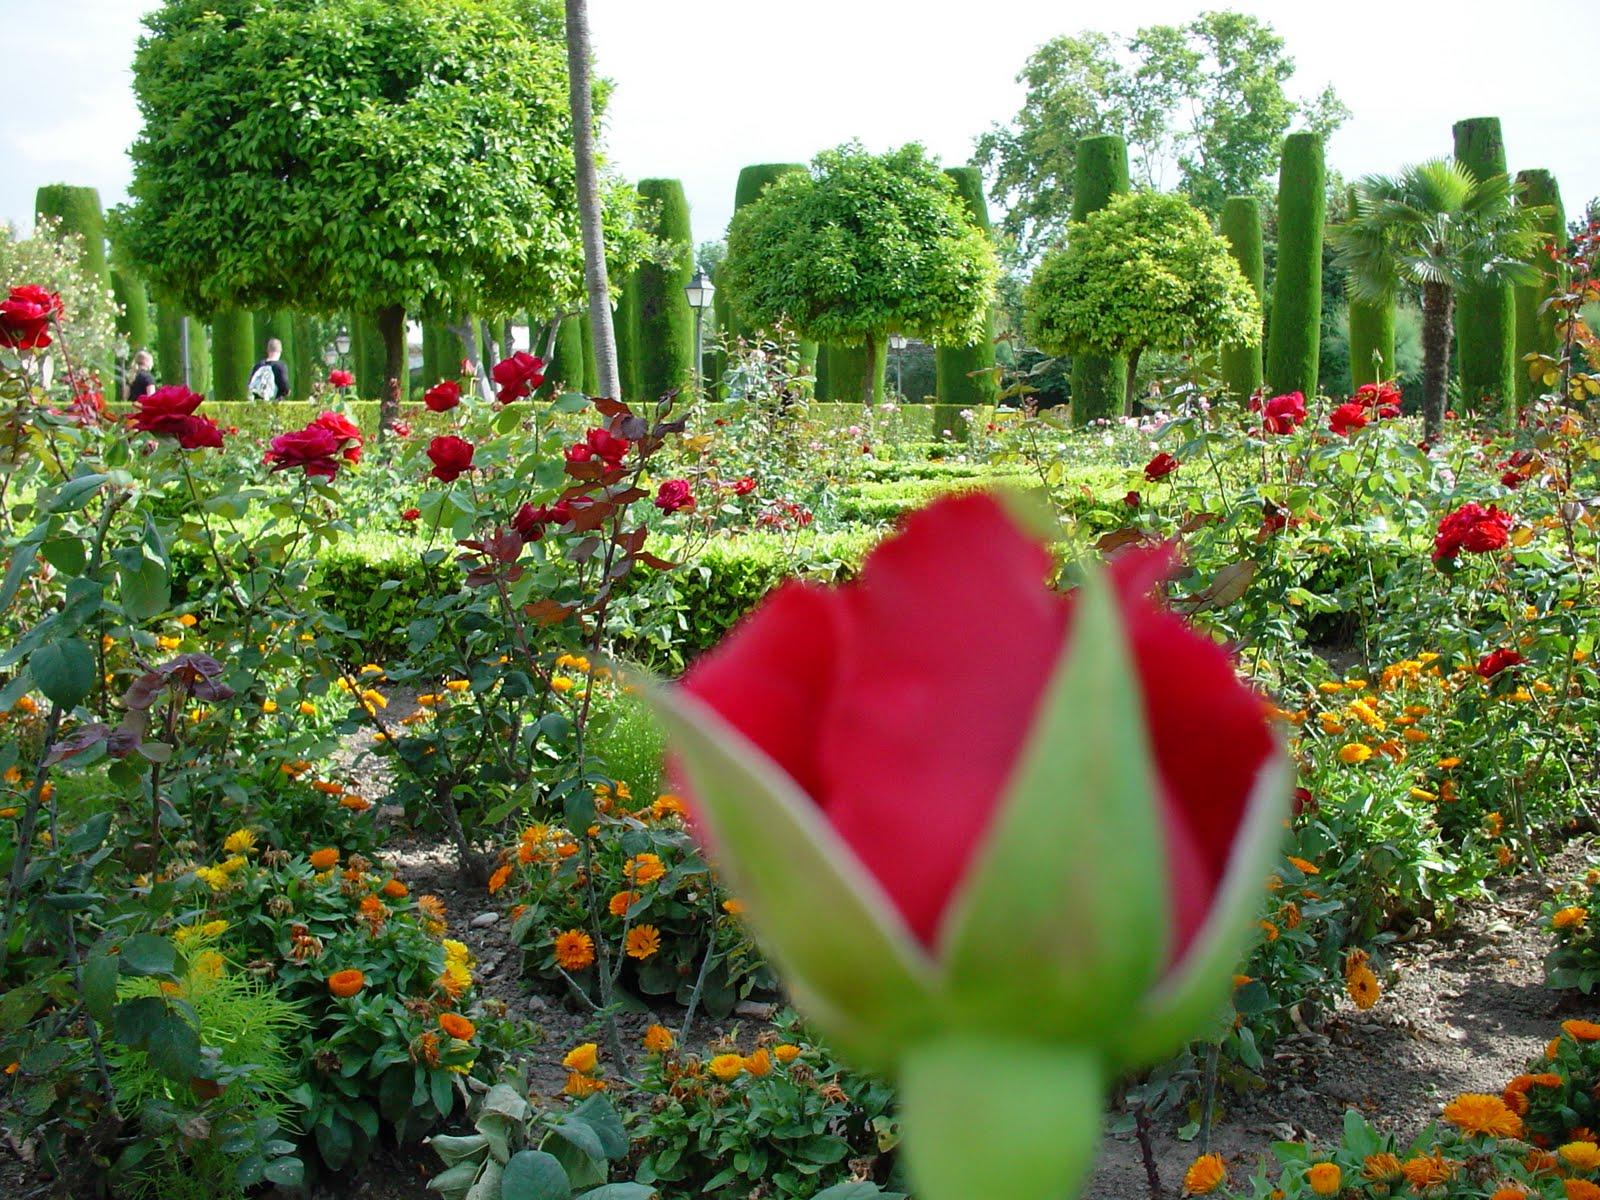 El poeta peregrino luci rnagas en el jard n for Luciernagas en el jardin libro